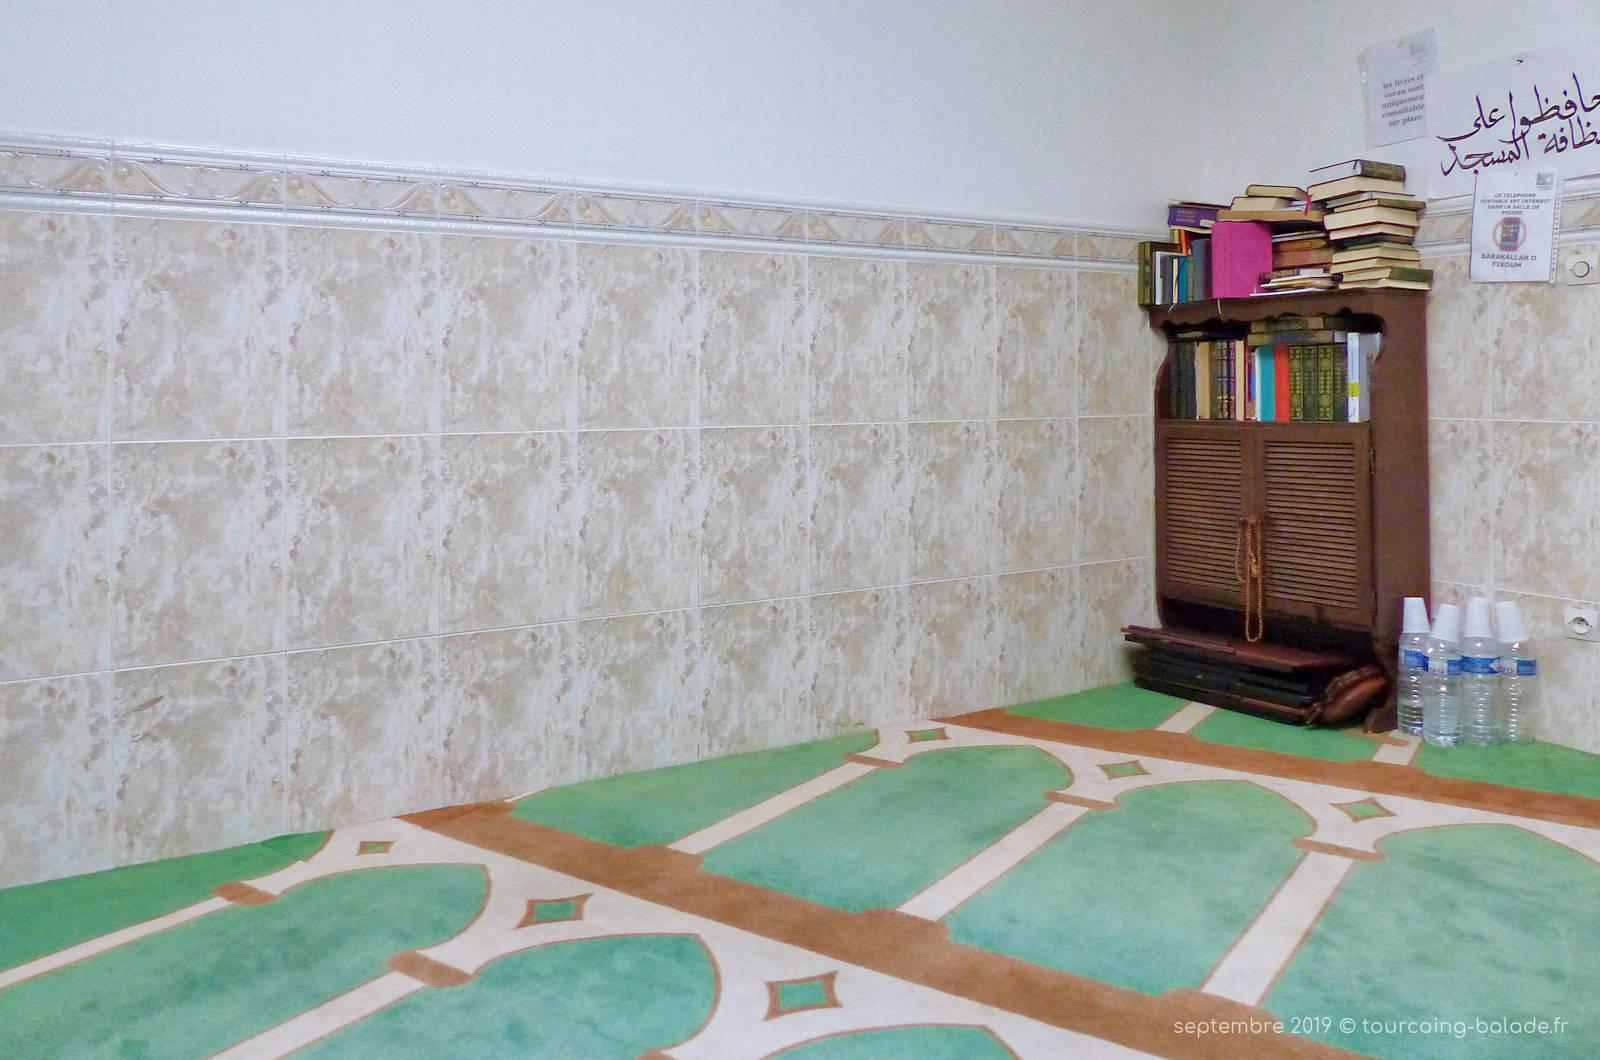 Mosquée Assalam Tourcoing - Salle de prière pour les femmes